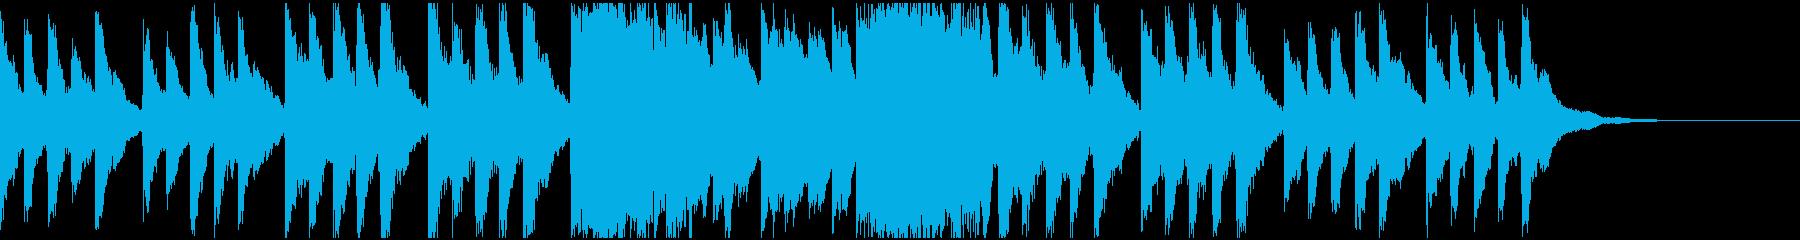 ピアノだけの淡々としたフレーズの再生済みの波形